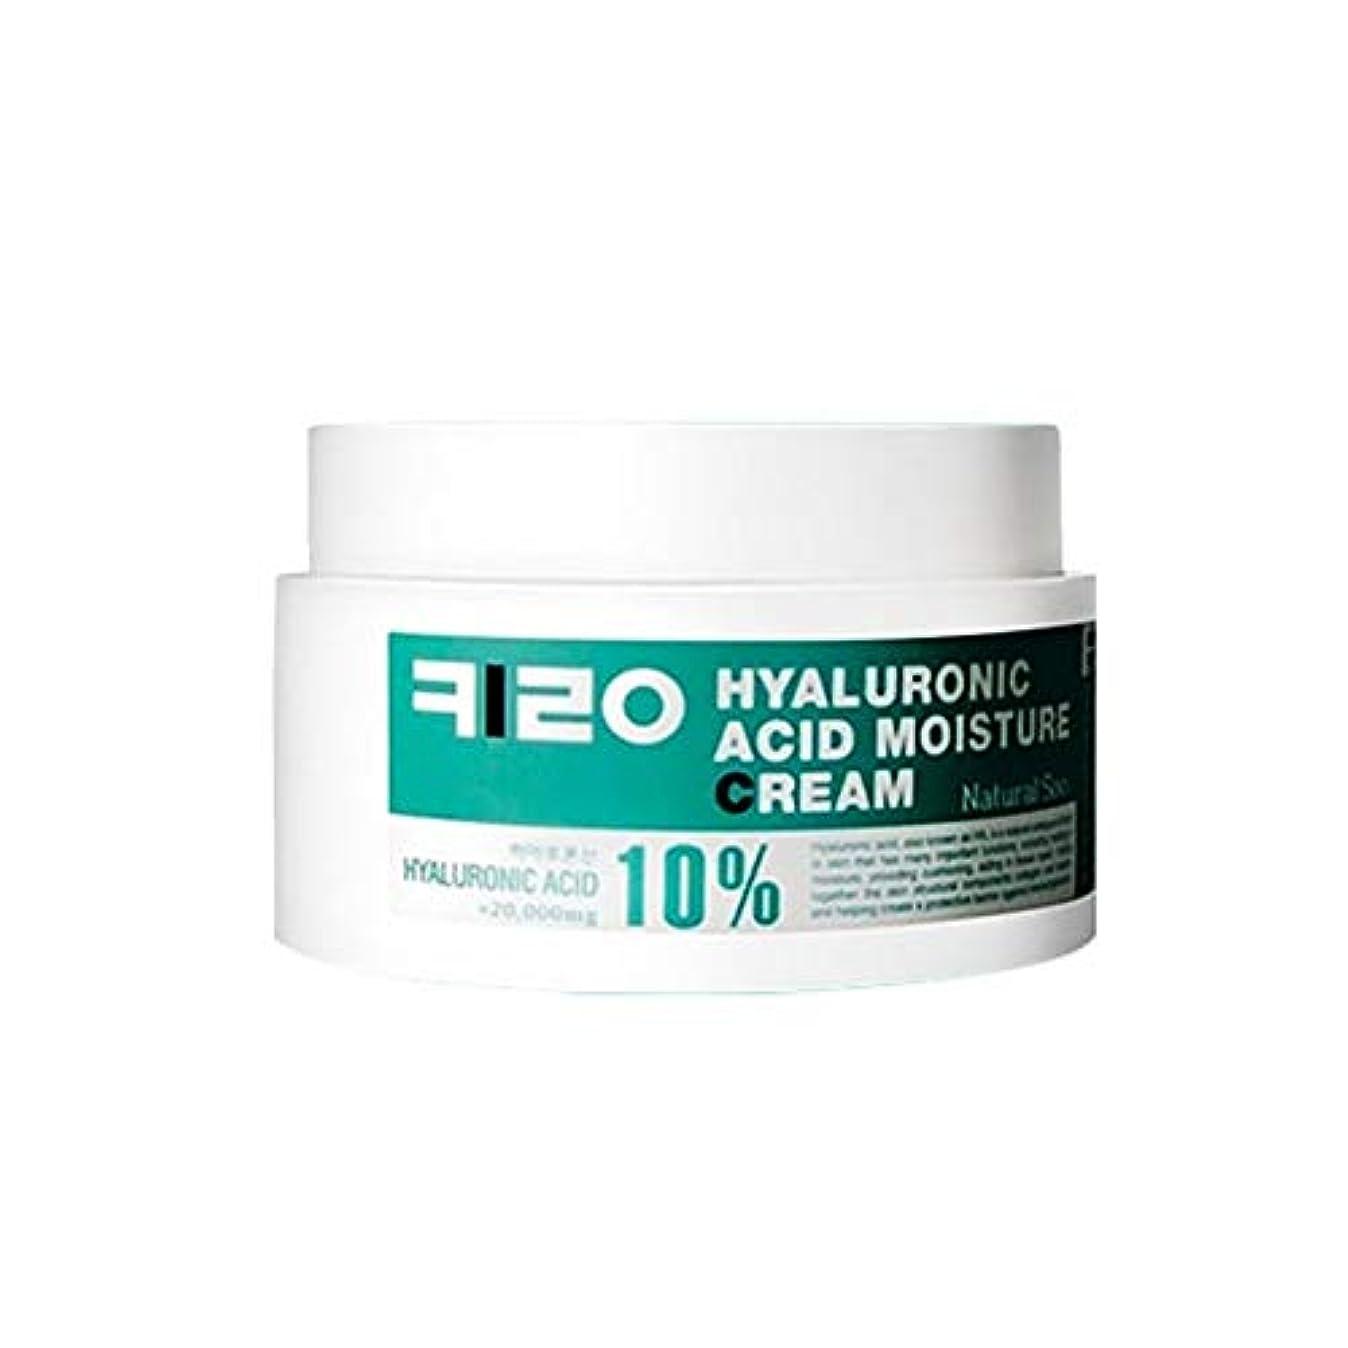 誰かカリキュラム計器ナチュラルSooキーロヒアルロン酸モイスチャークリーム200g韓国コスメ、Natural Soo Hyaluronic Acid Moisture Cream 200g Korean Cosmetics [並行輸入品]